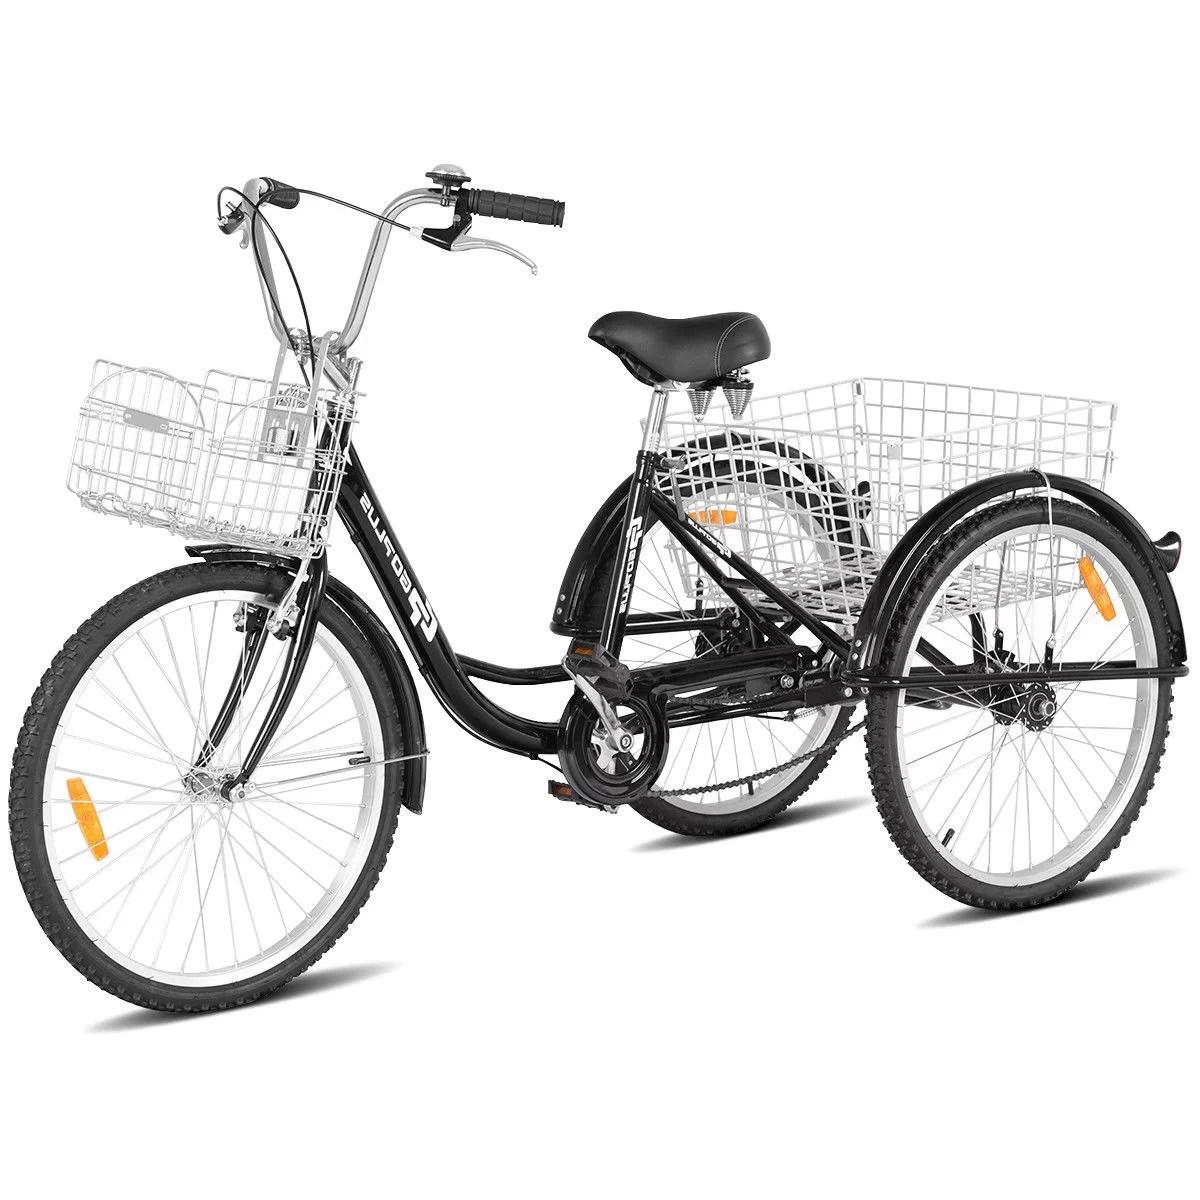 Goplus 24 Single Speed 3 Wheel Bicycle Adult Tricycle